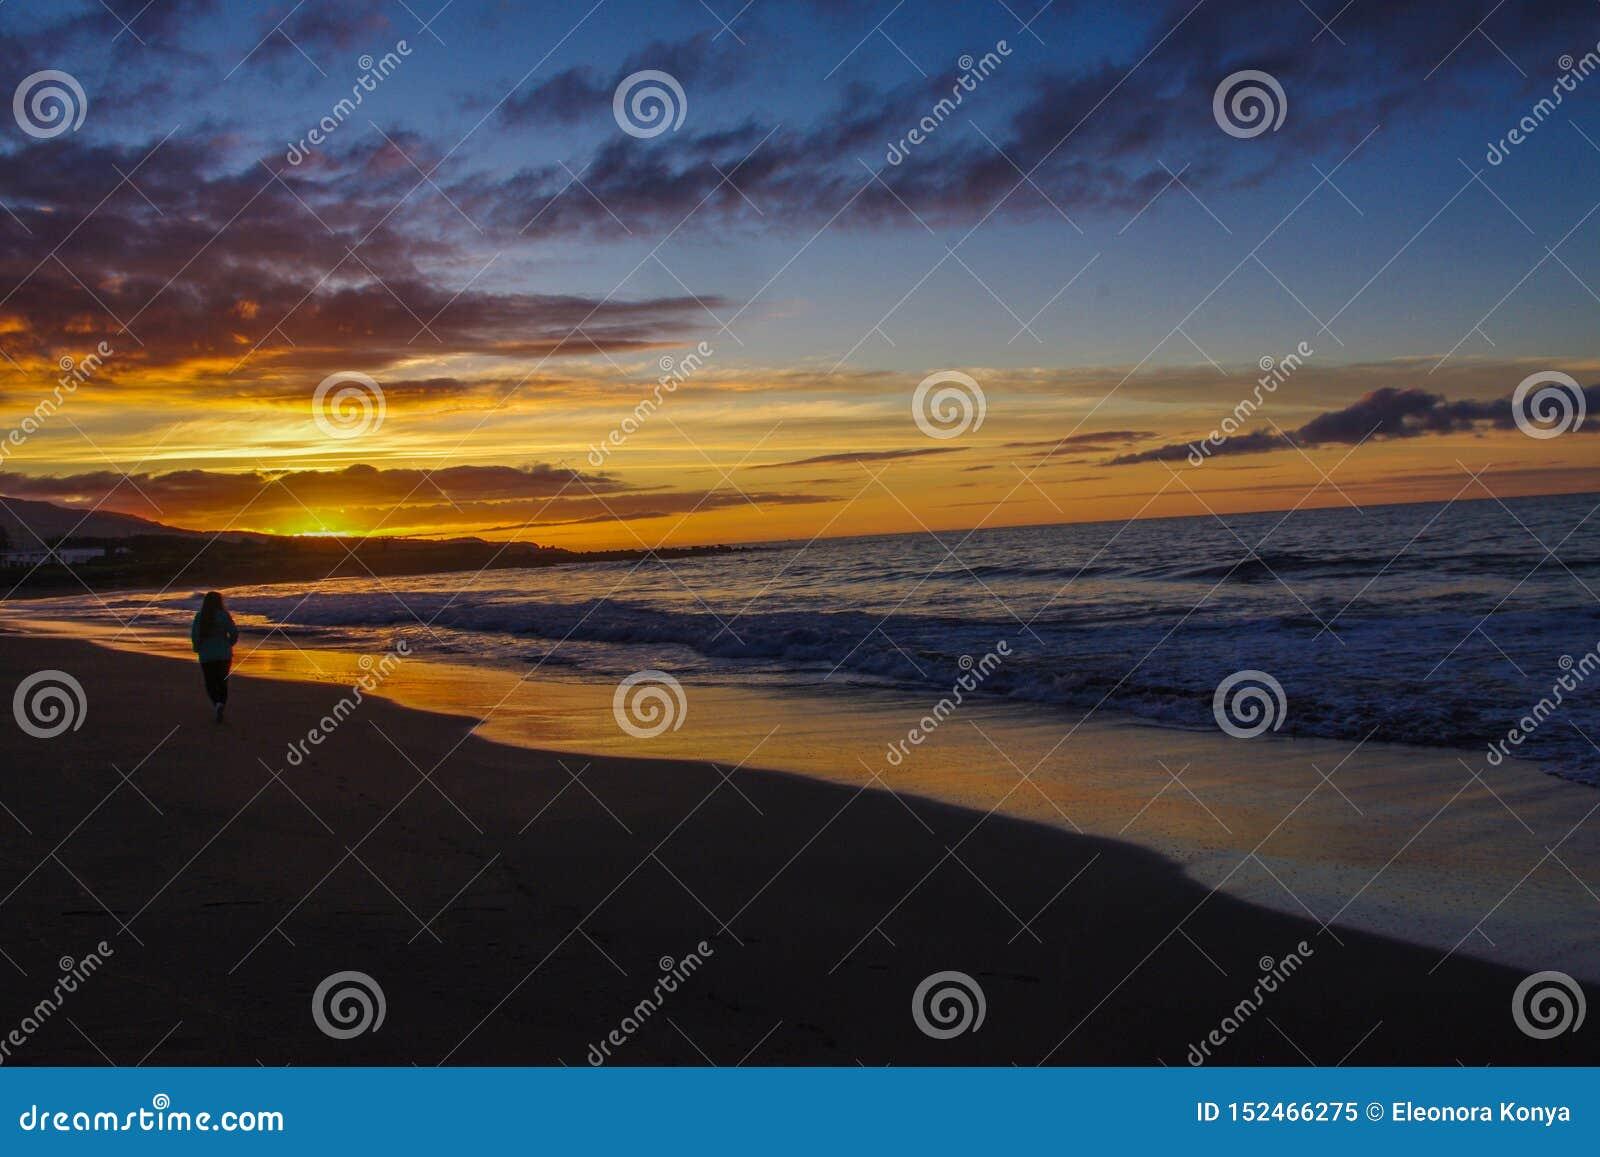 Ανατολή από τον Ατλαντικό Ωκεανό και το κορίτσι του φωτός